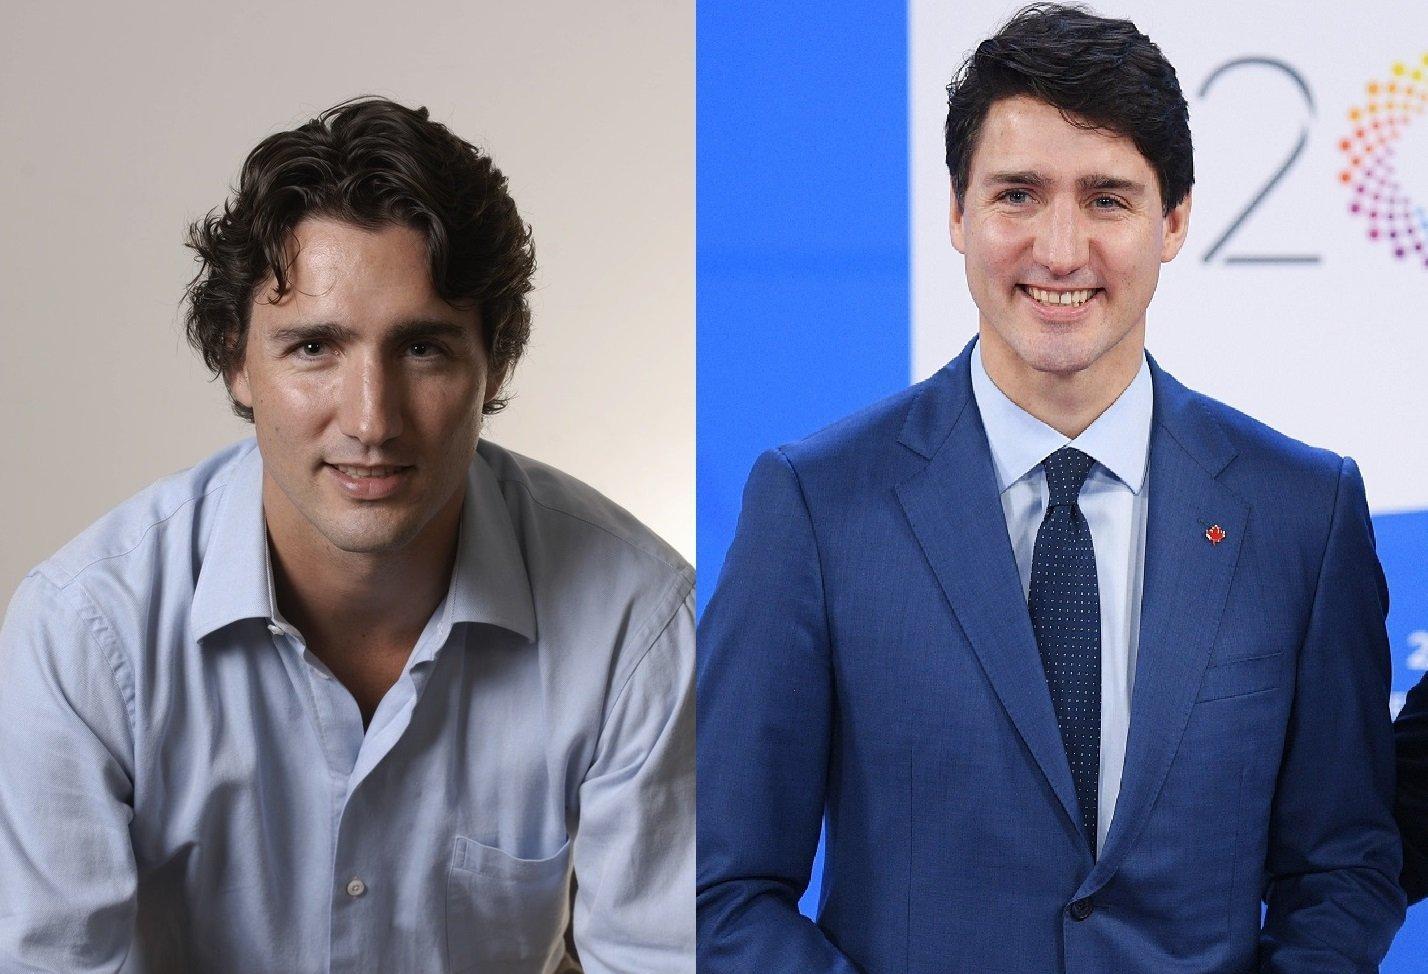 El actual primer ministro canadiense, Justin Trudeau, en el 2008 / en el 2018